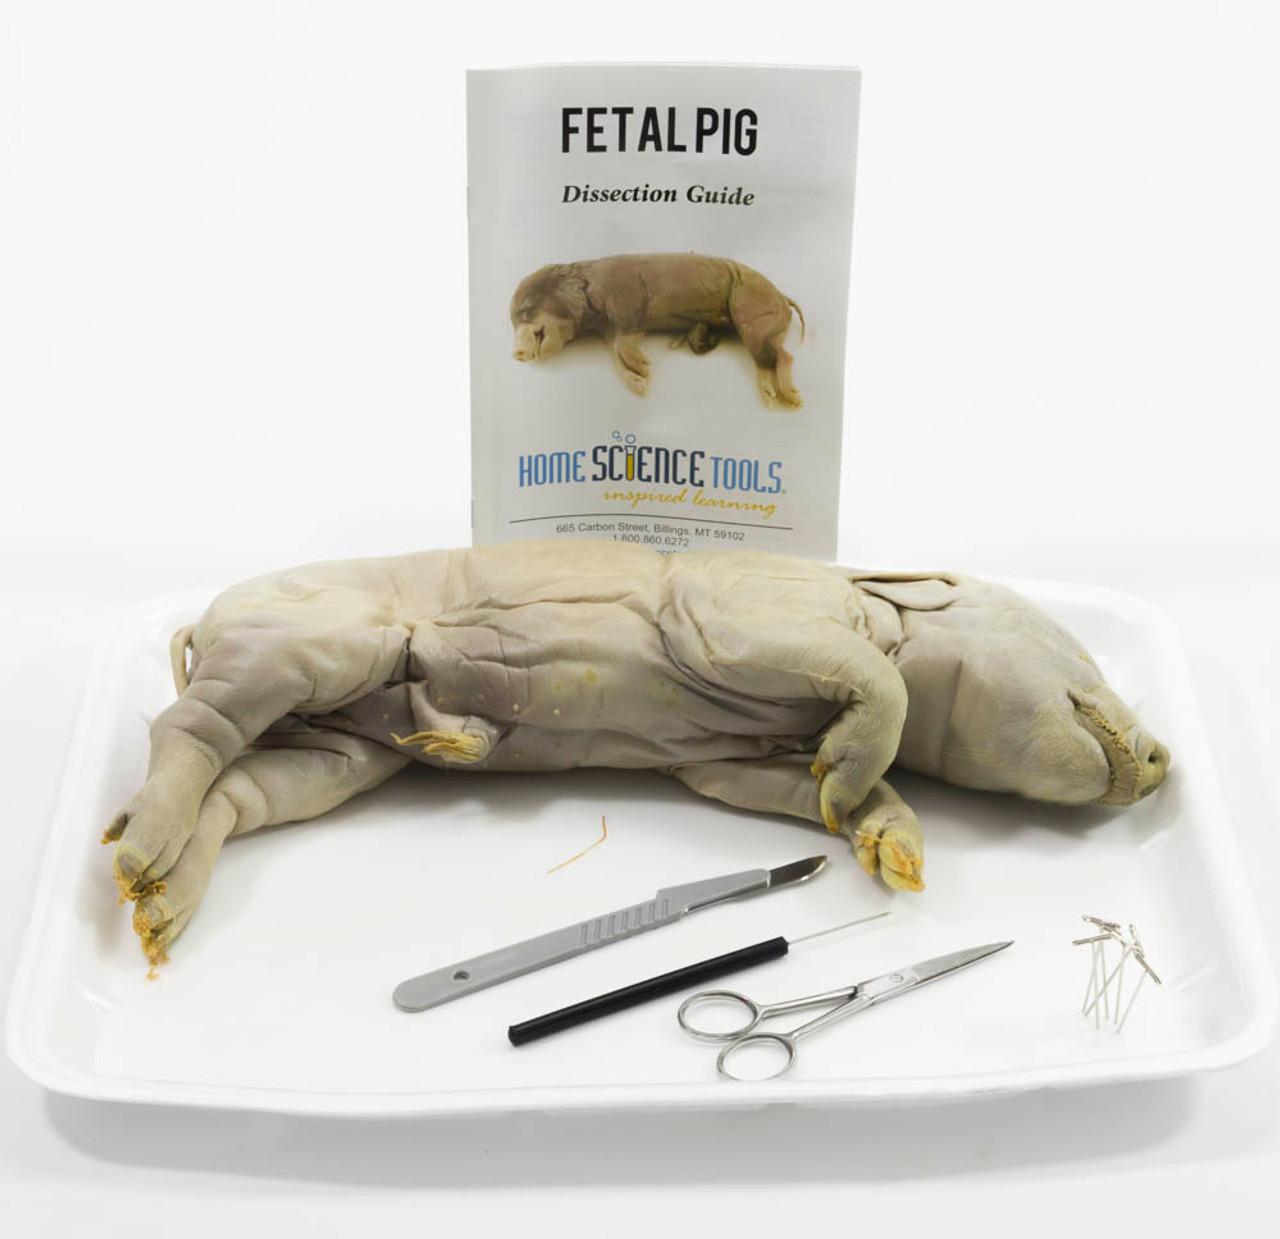 Large Fetal Pig Dissection Kit